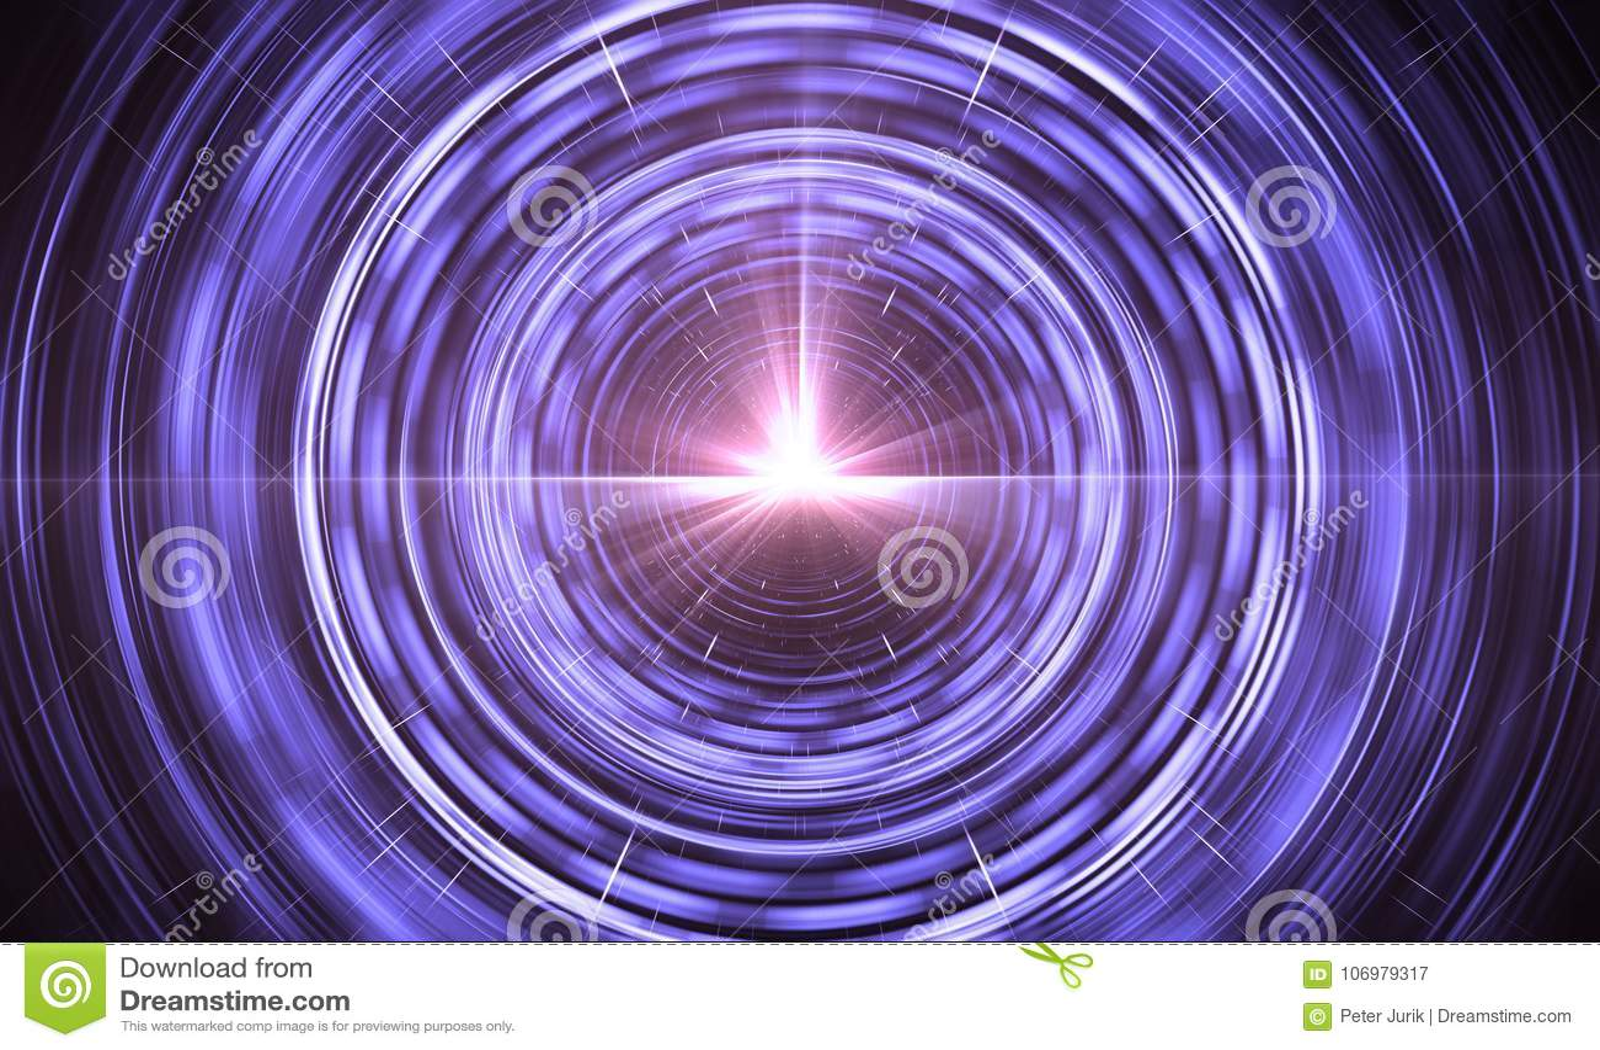 Ilustração Gratis Espaço Todos Os Universo Cosmos: Salto Temporal, Viajando No Espaço Dilatação Do Tempo